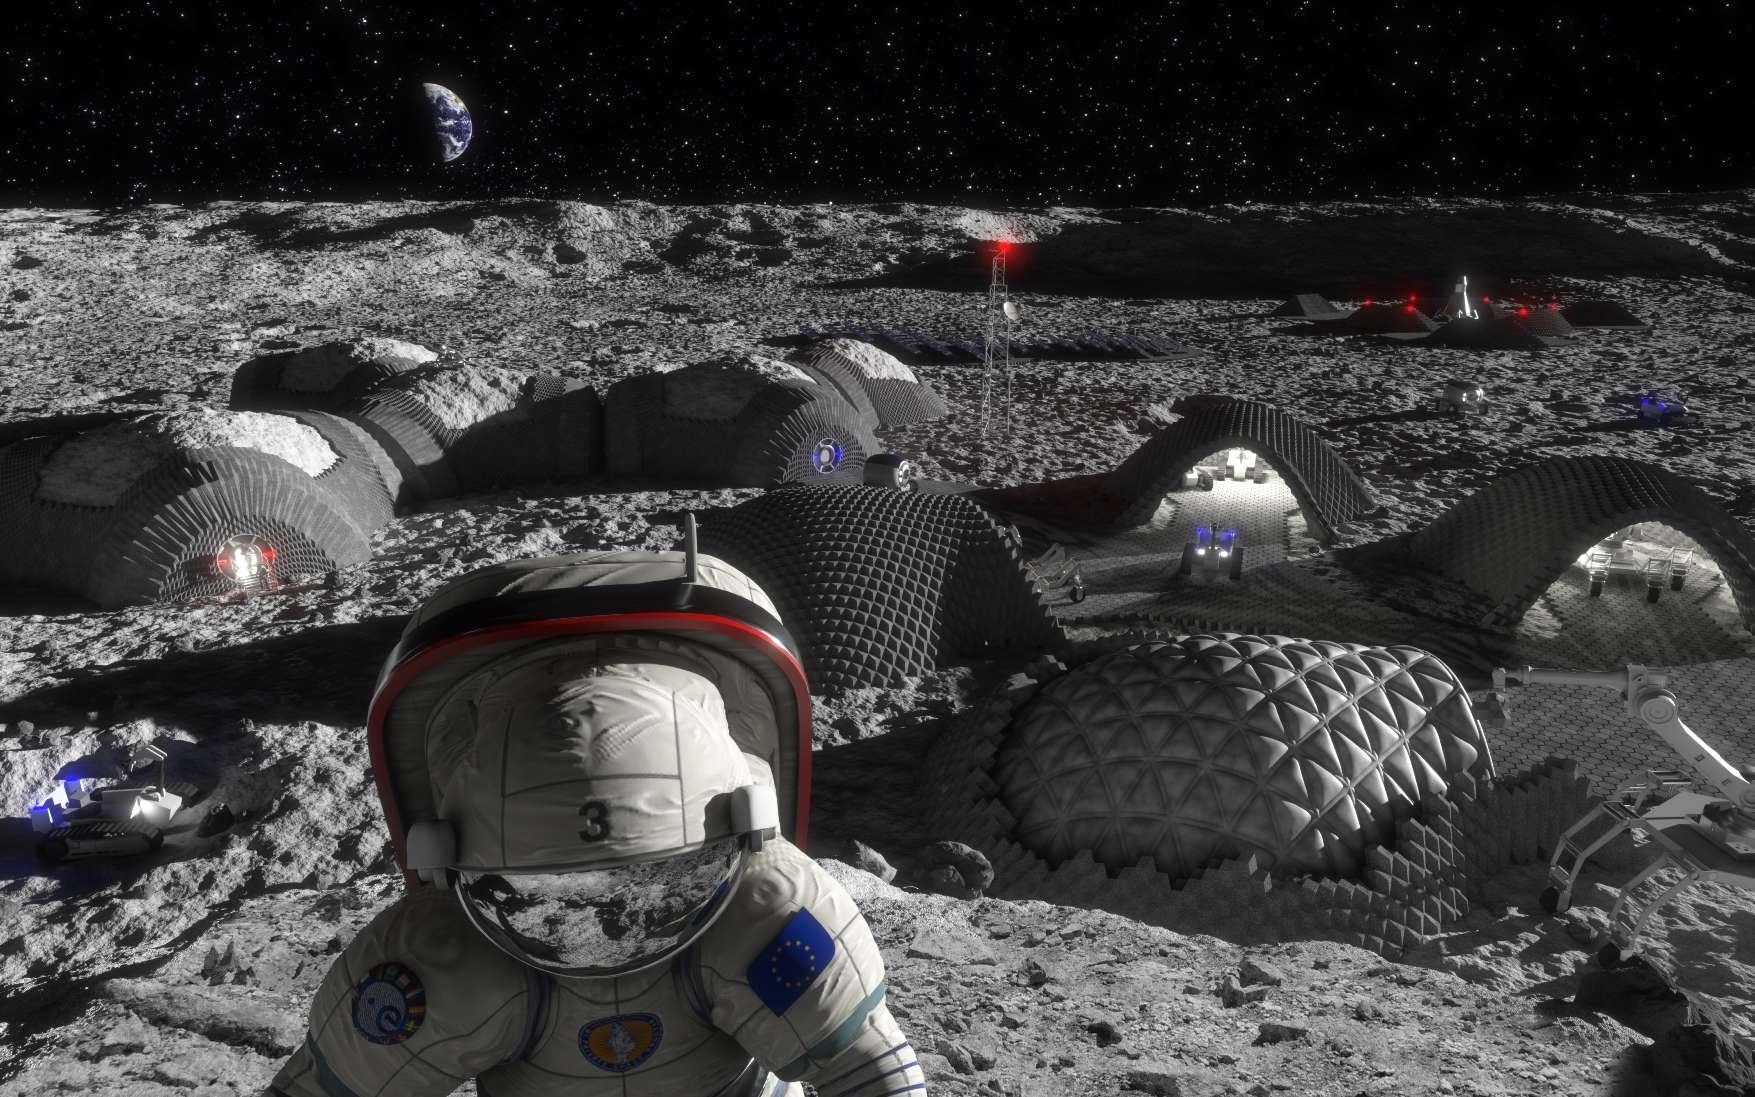 Une vue d'artiste d'une colonie lunaire construite avec l'aide d'imprimante 3D. © Liquifer Systems Group